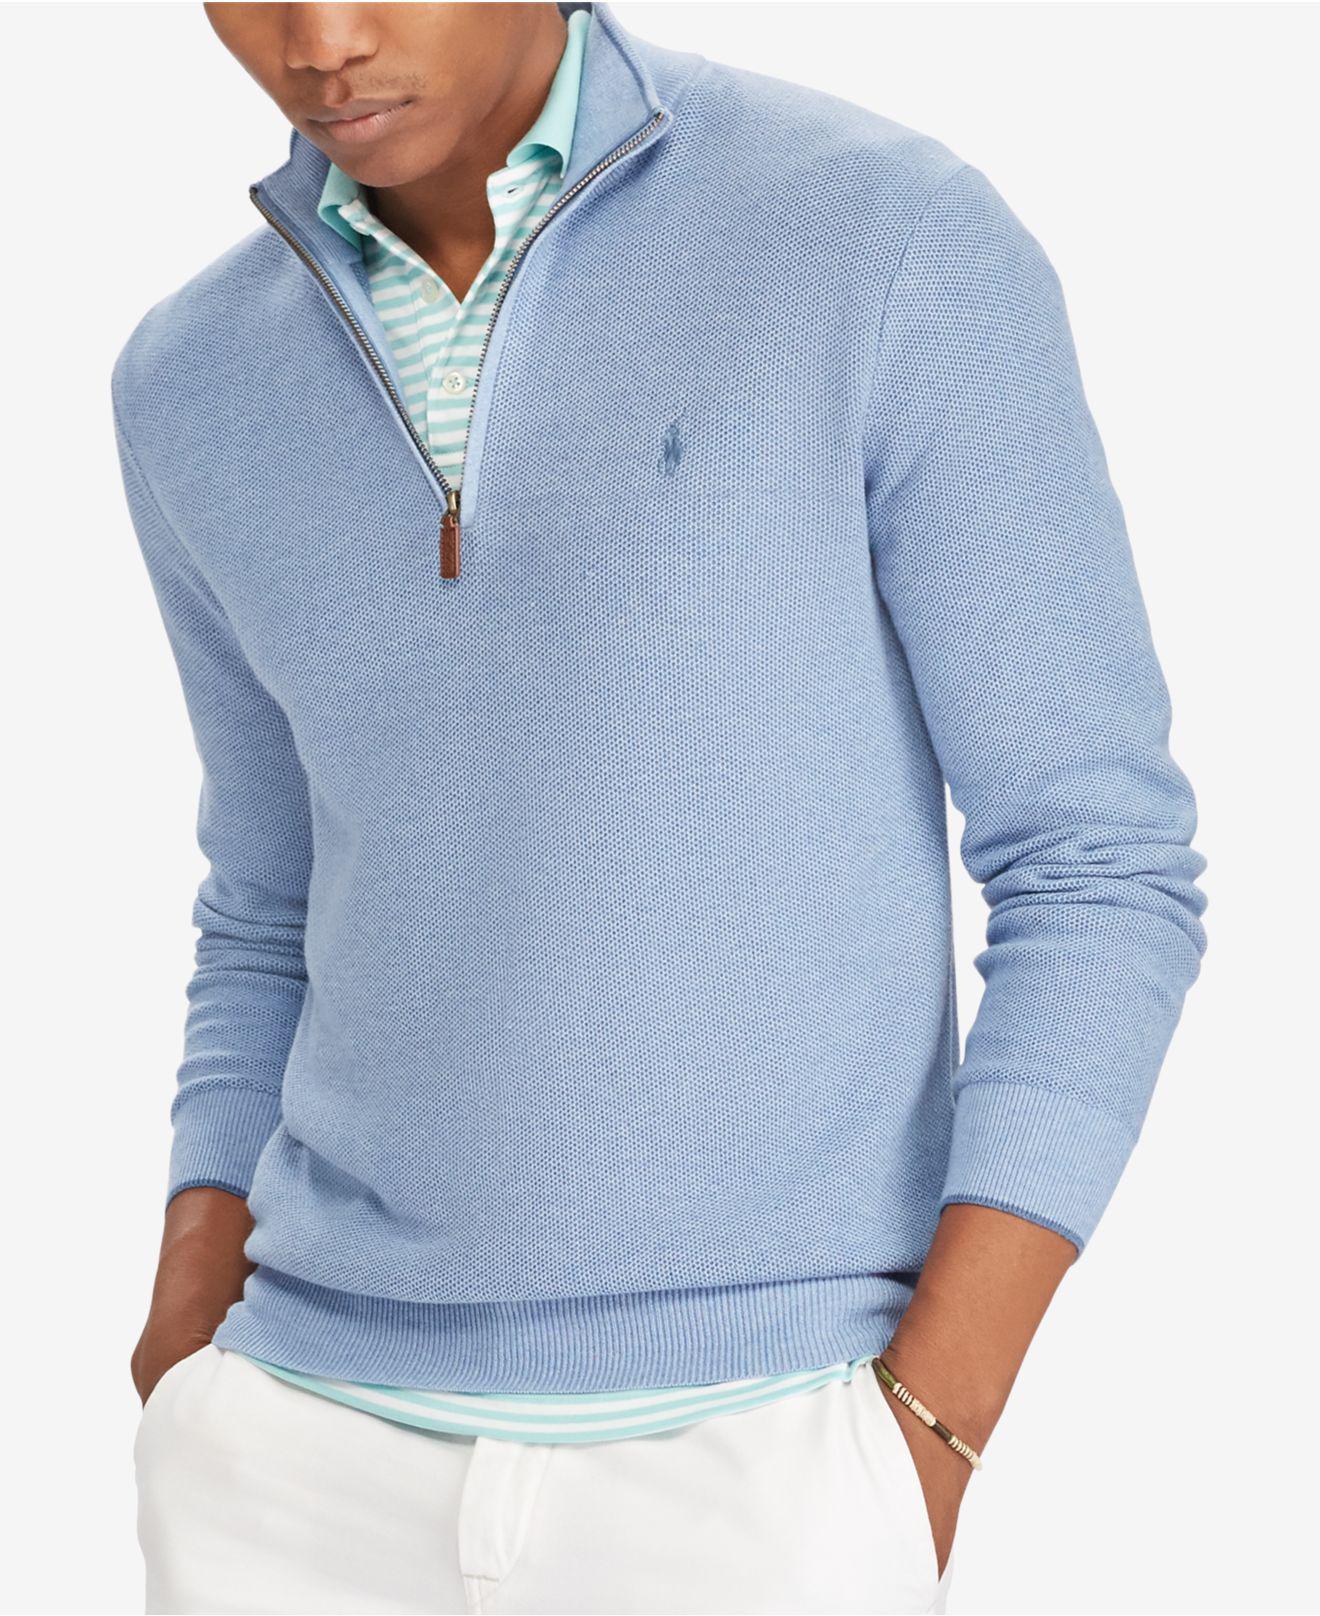 Polo ralph lauren Men's Half-zip Sweater in Blue for Men | Lyst